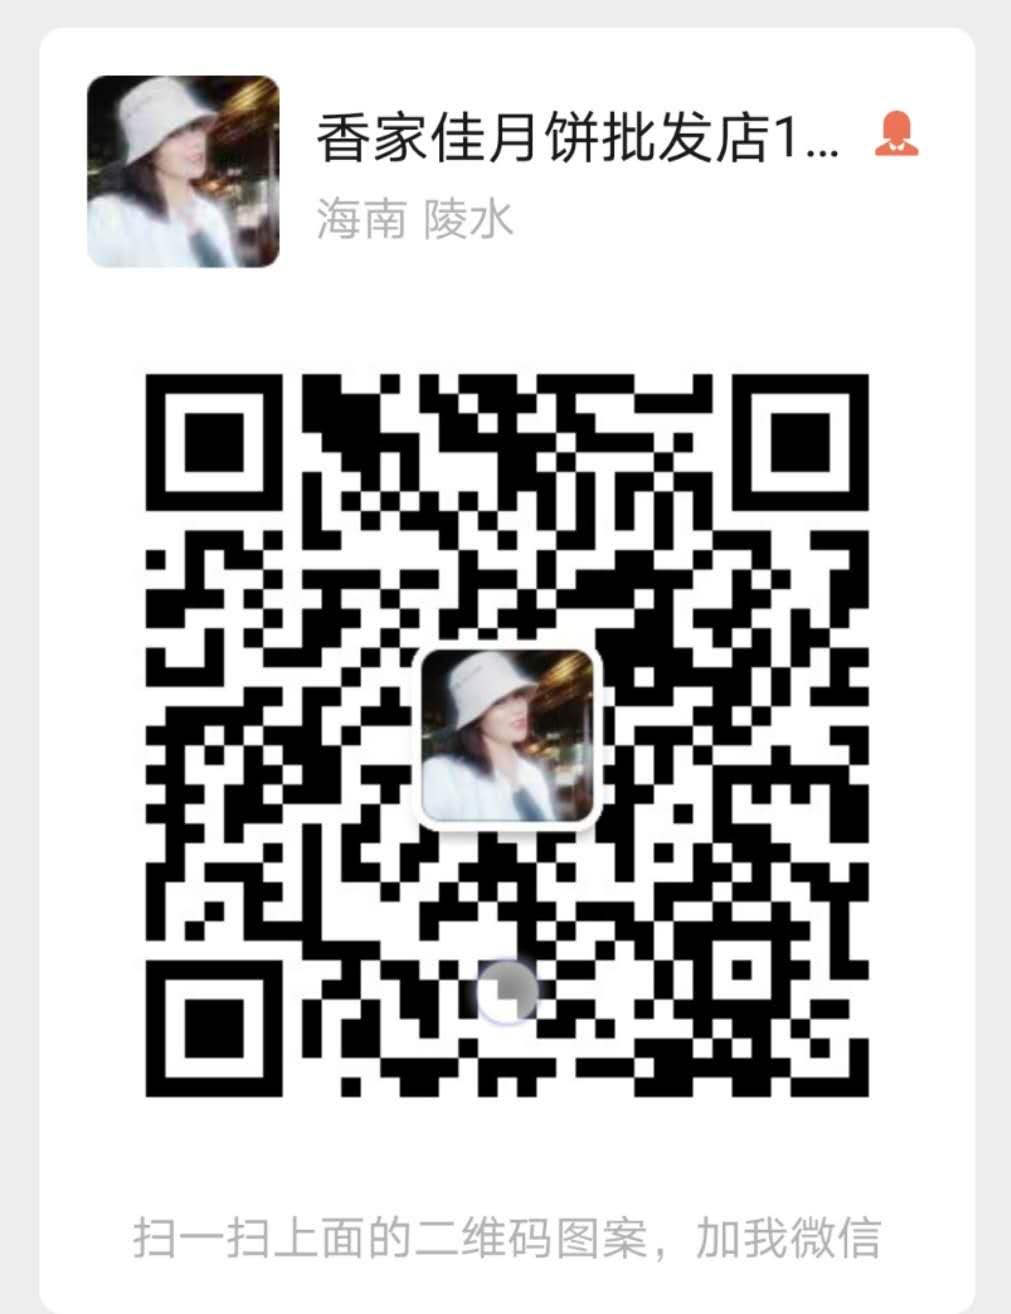 微信图片_20200901103017.jpg